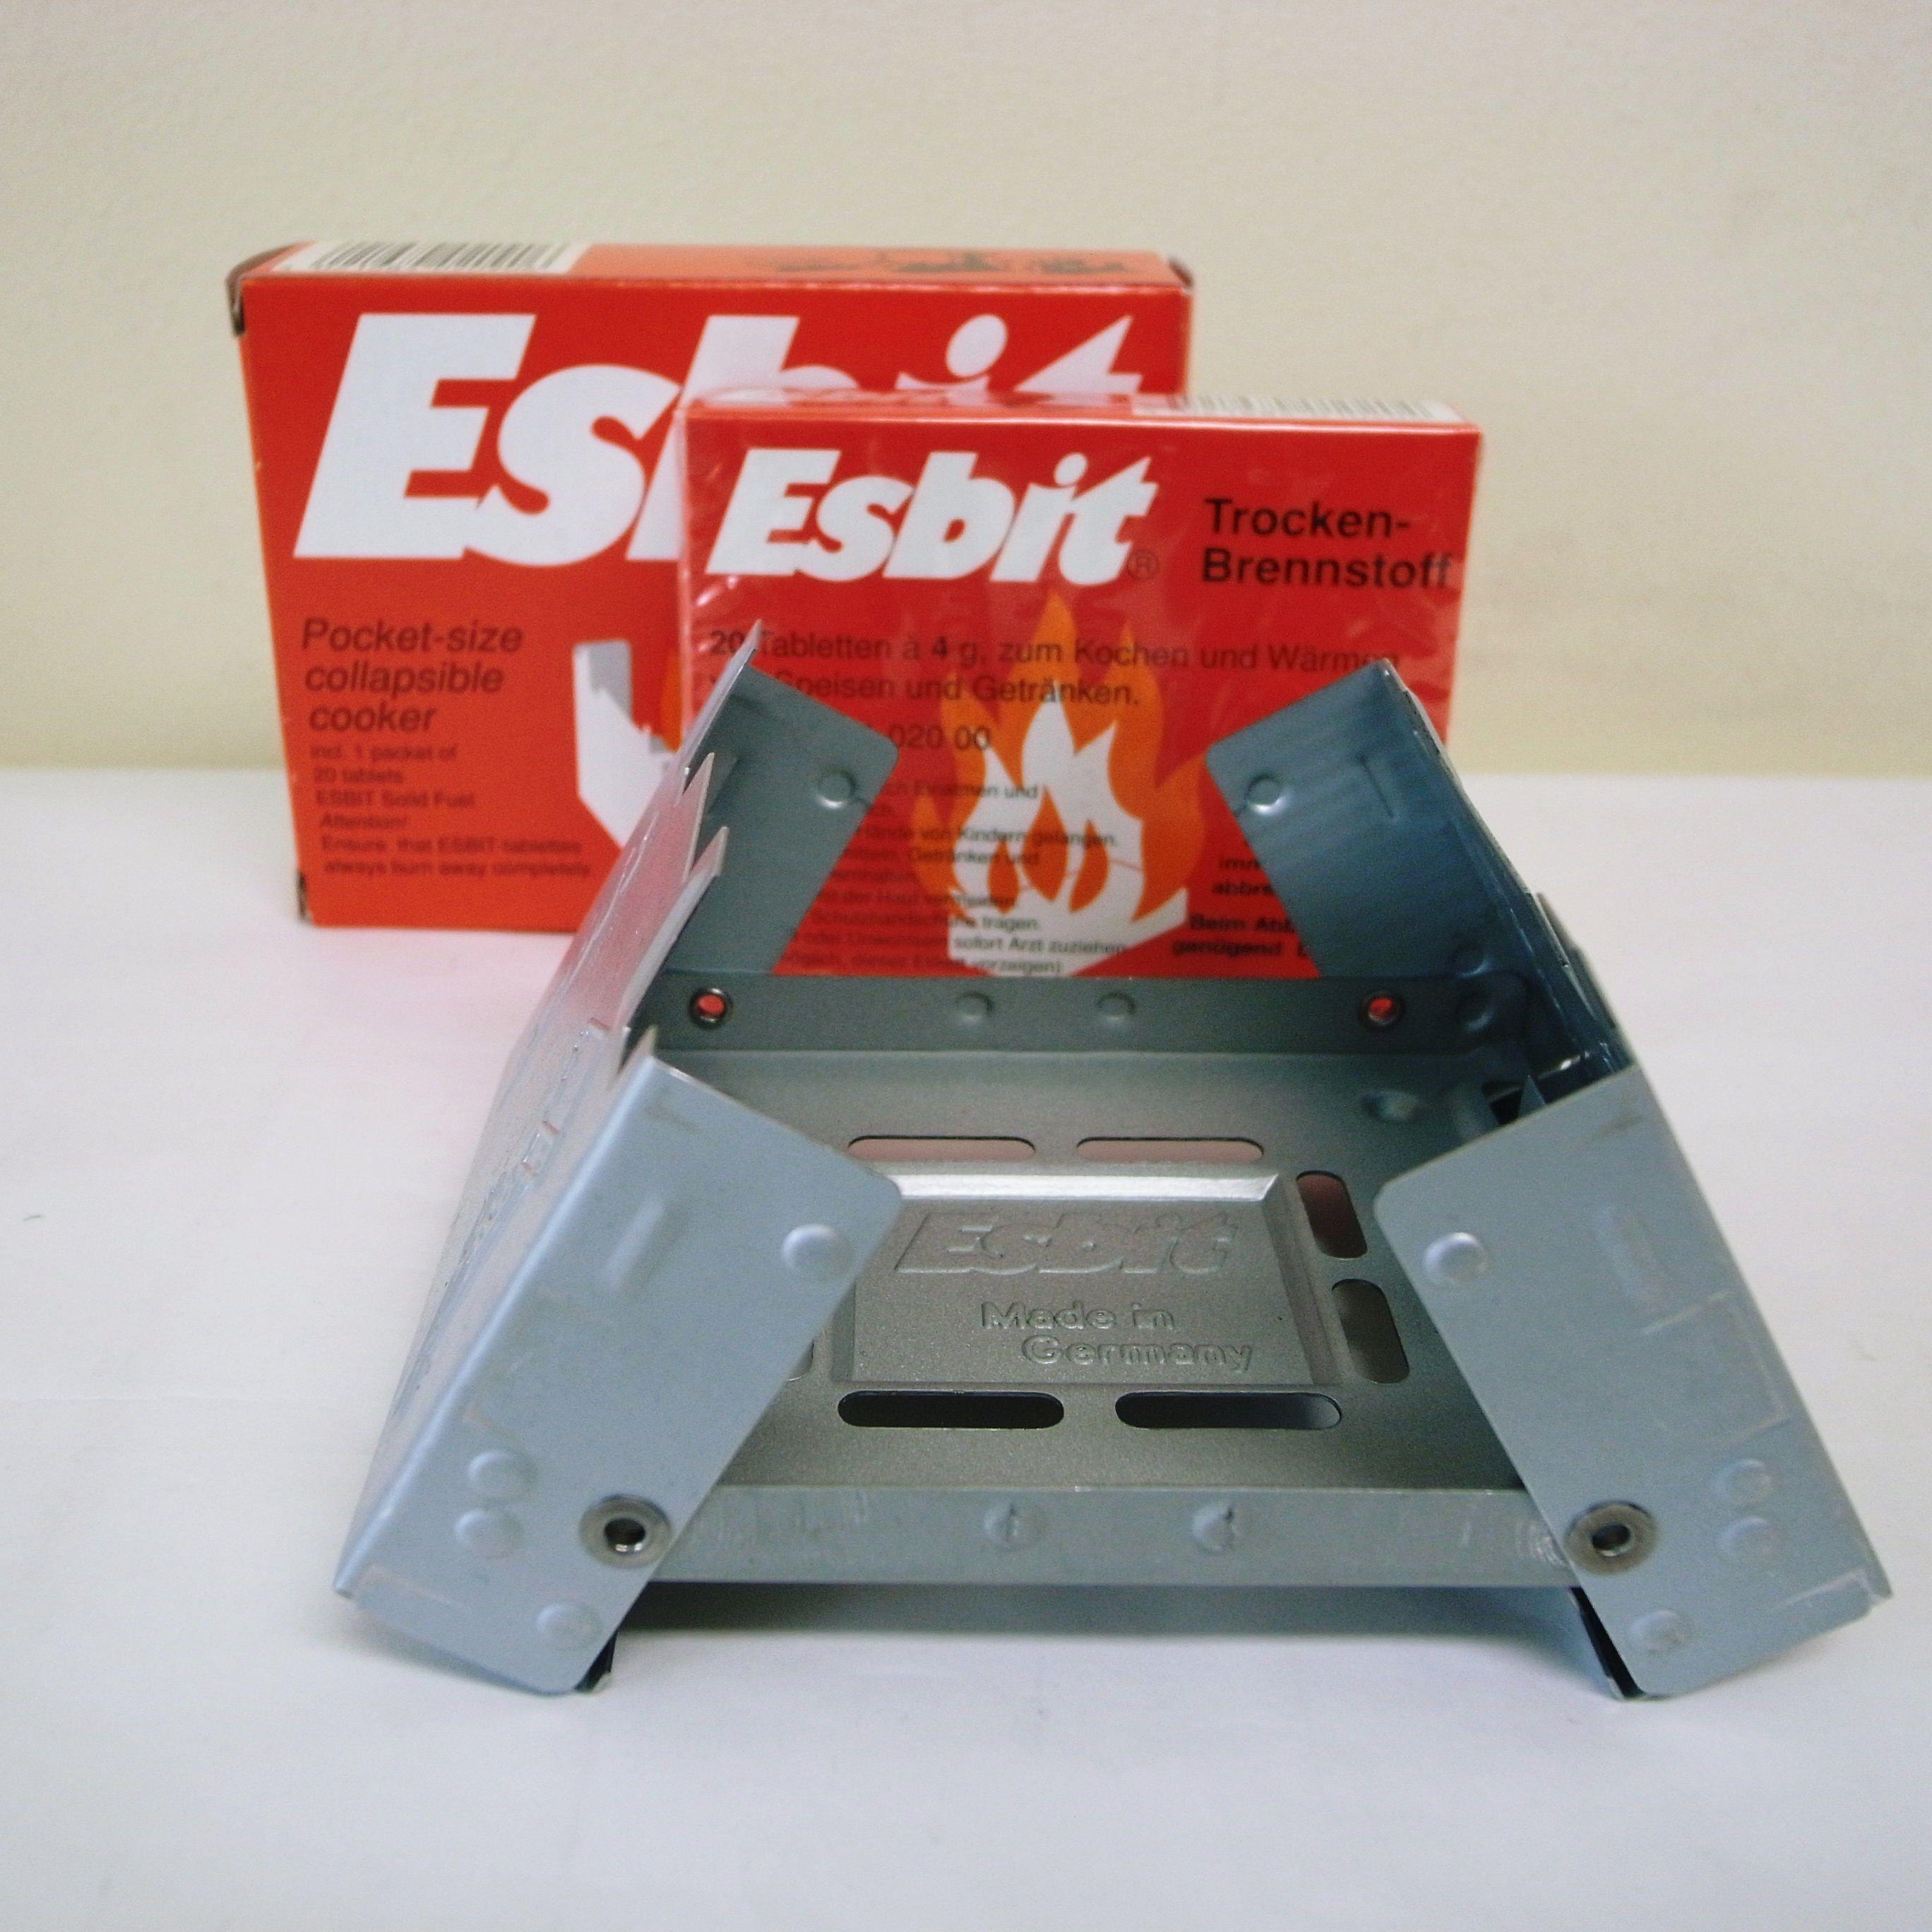 Esbit ポケットストーブ 固形燃料タブレット スターシェープクッカー